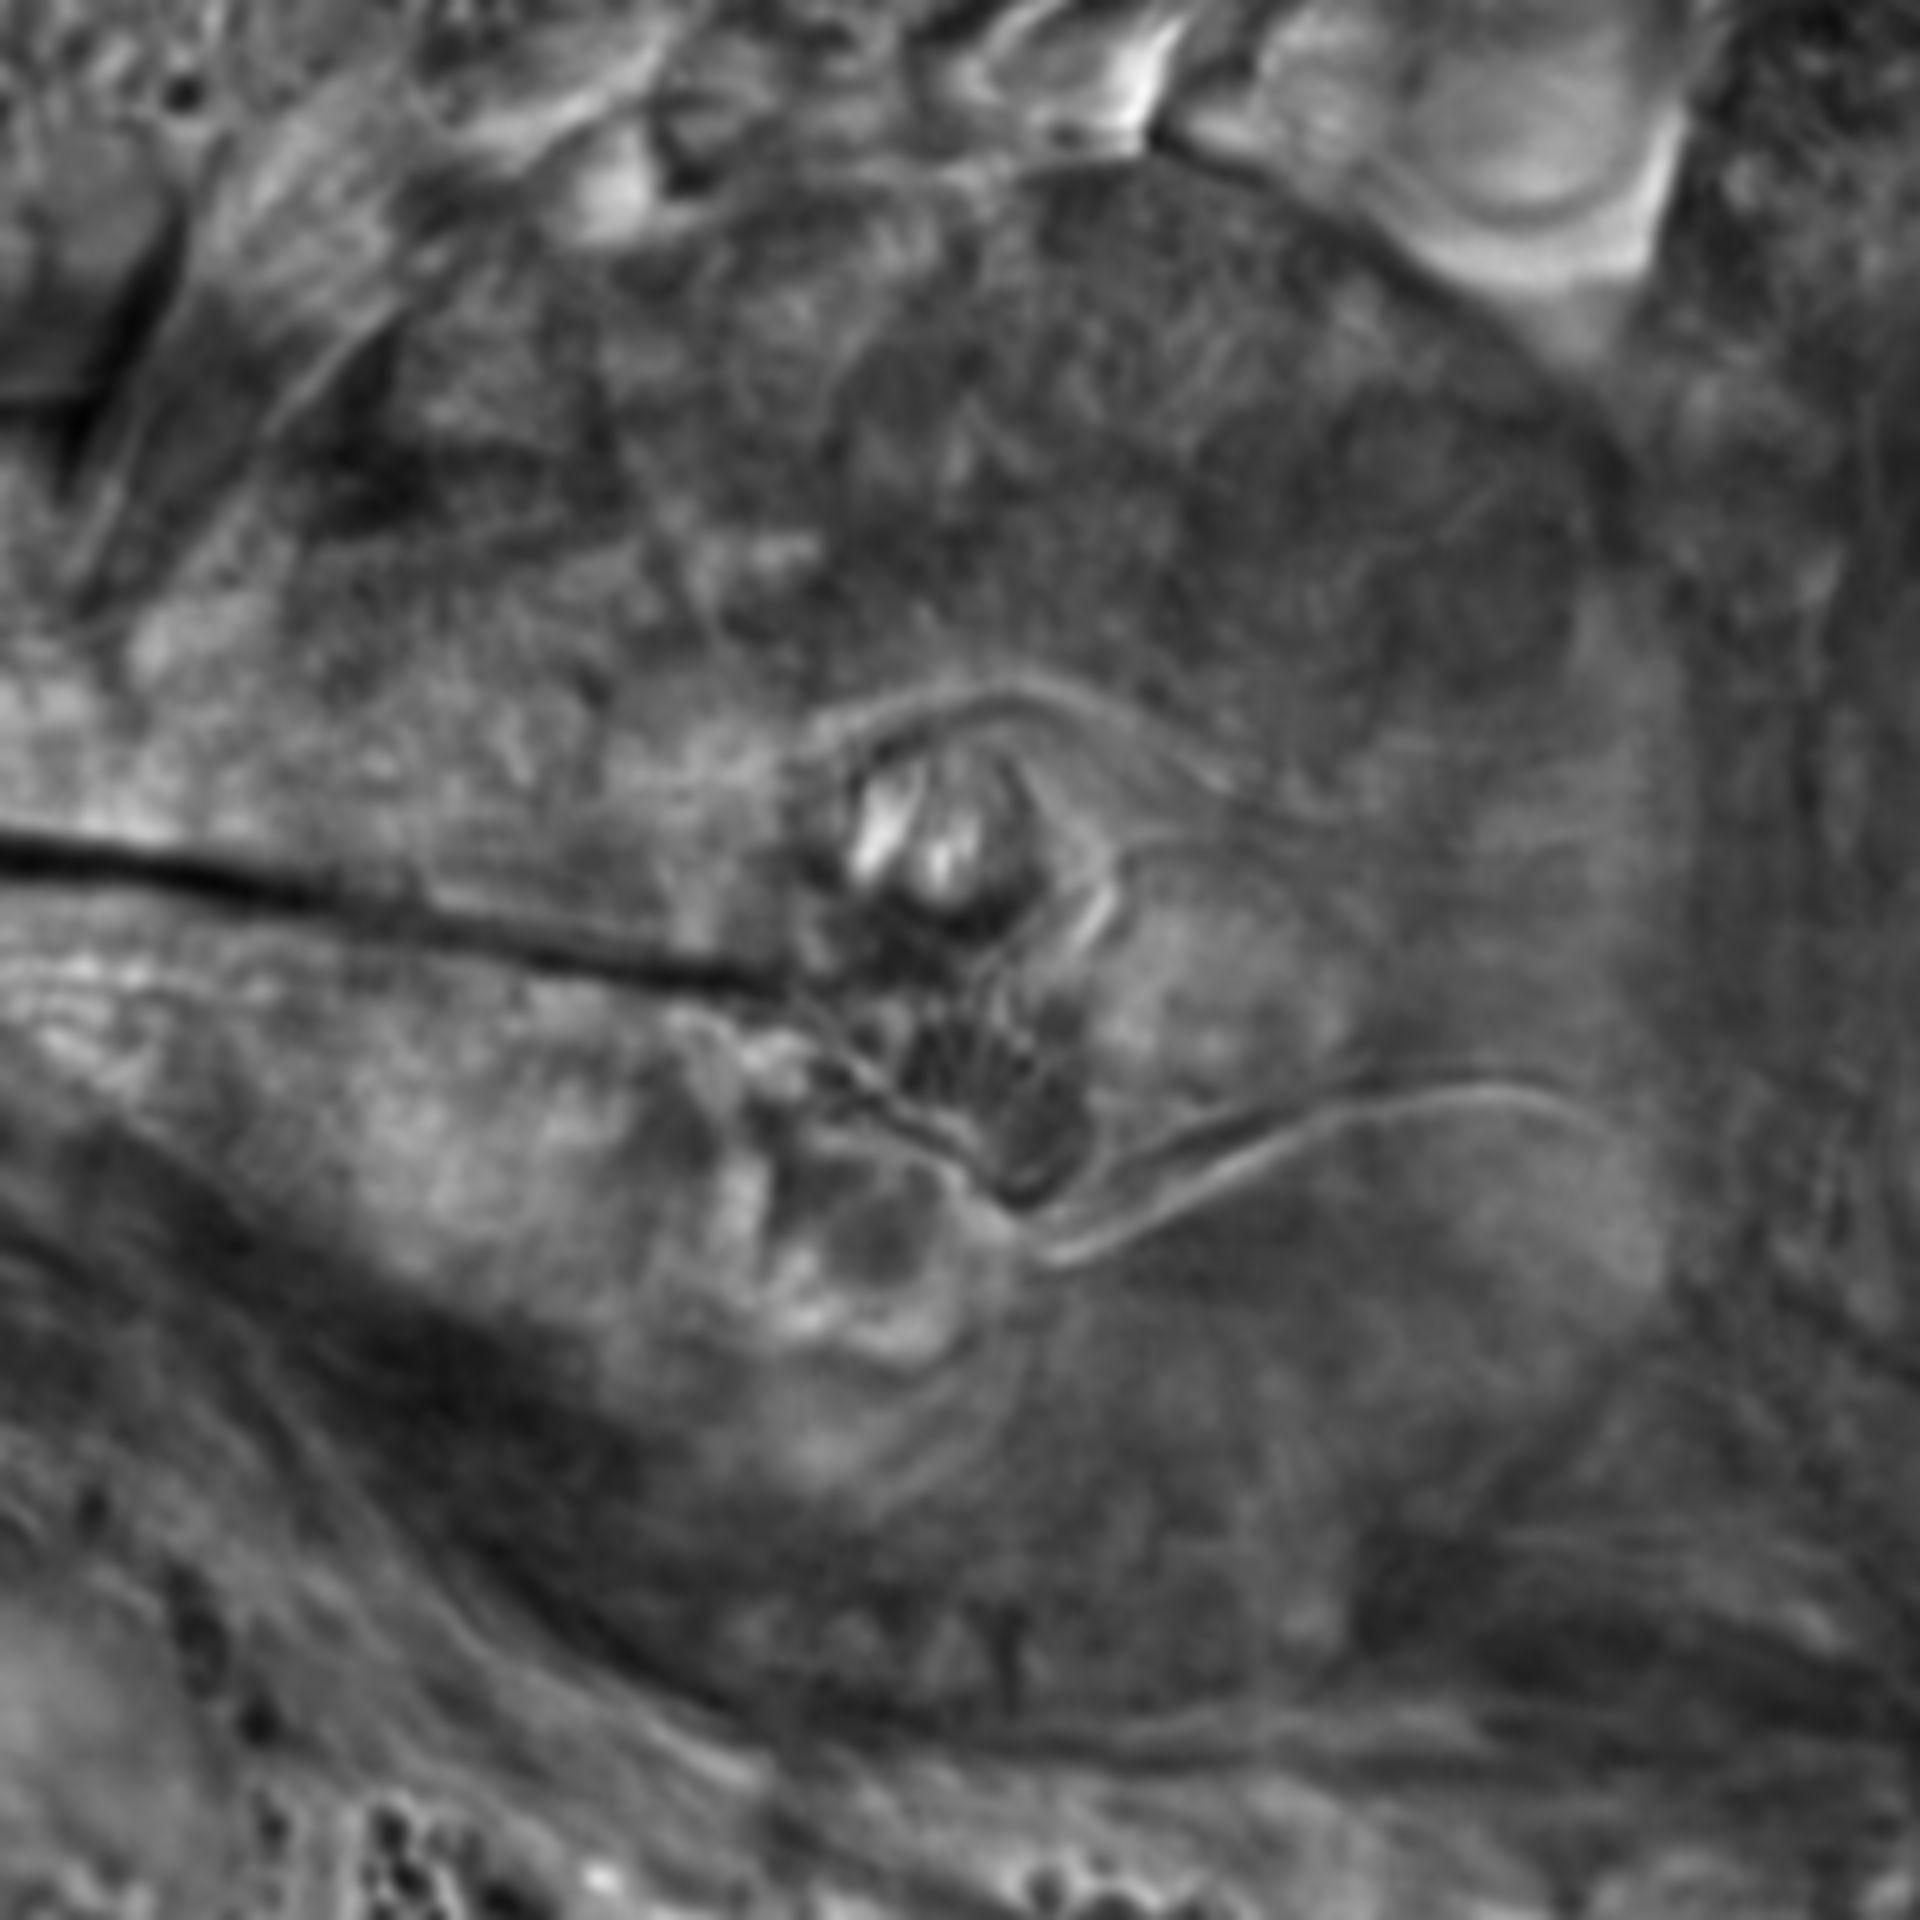 Caenorhabditis elegans - CIL:2694